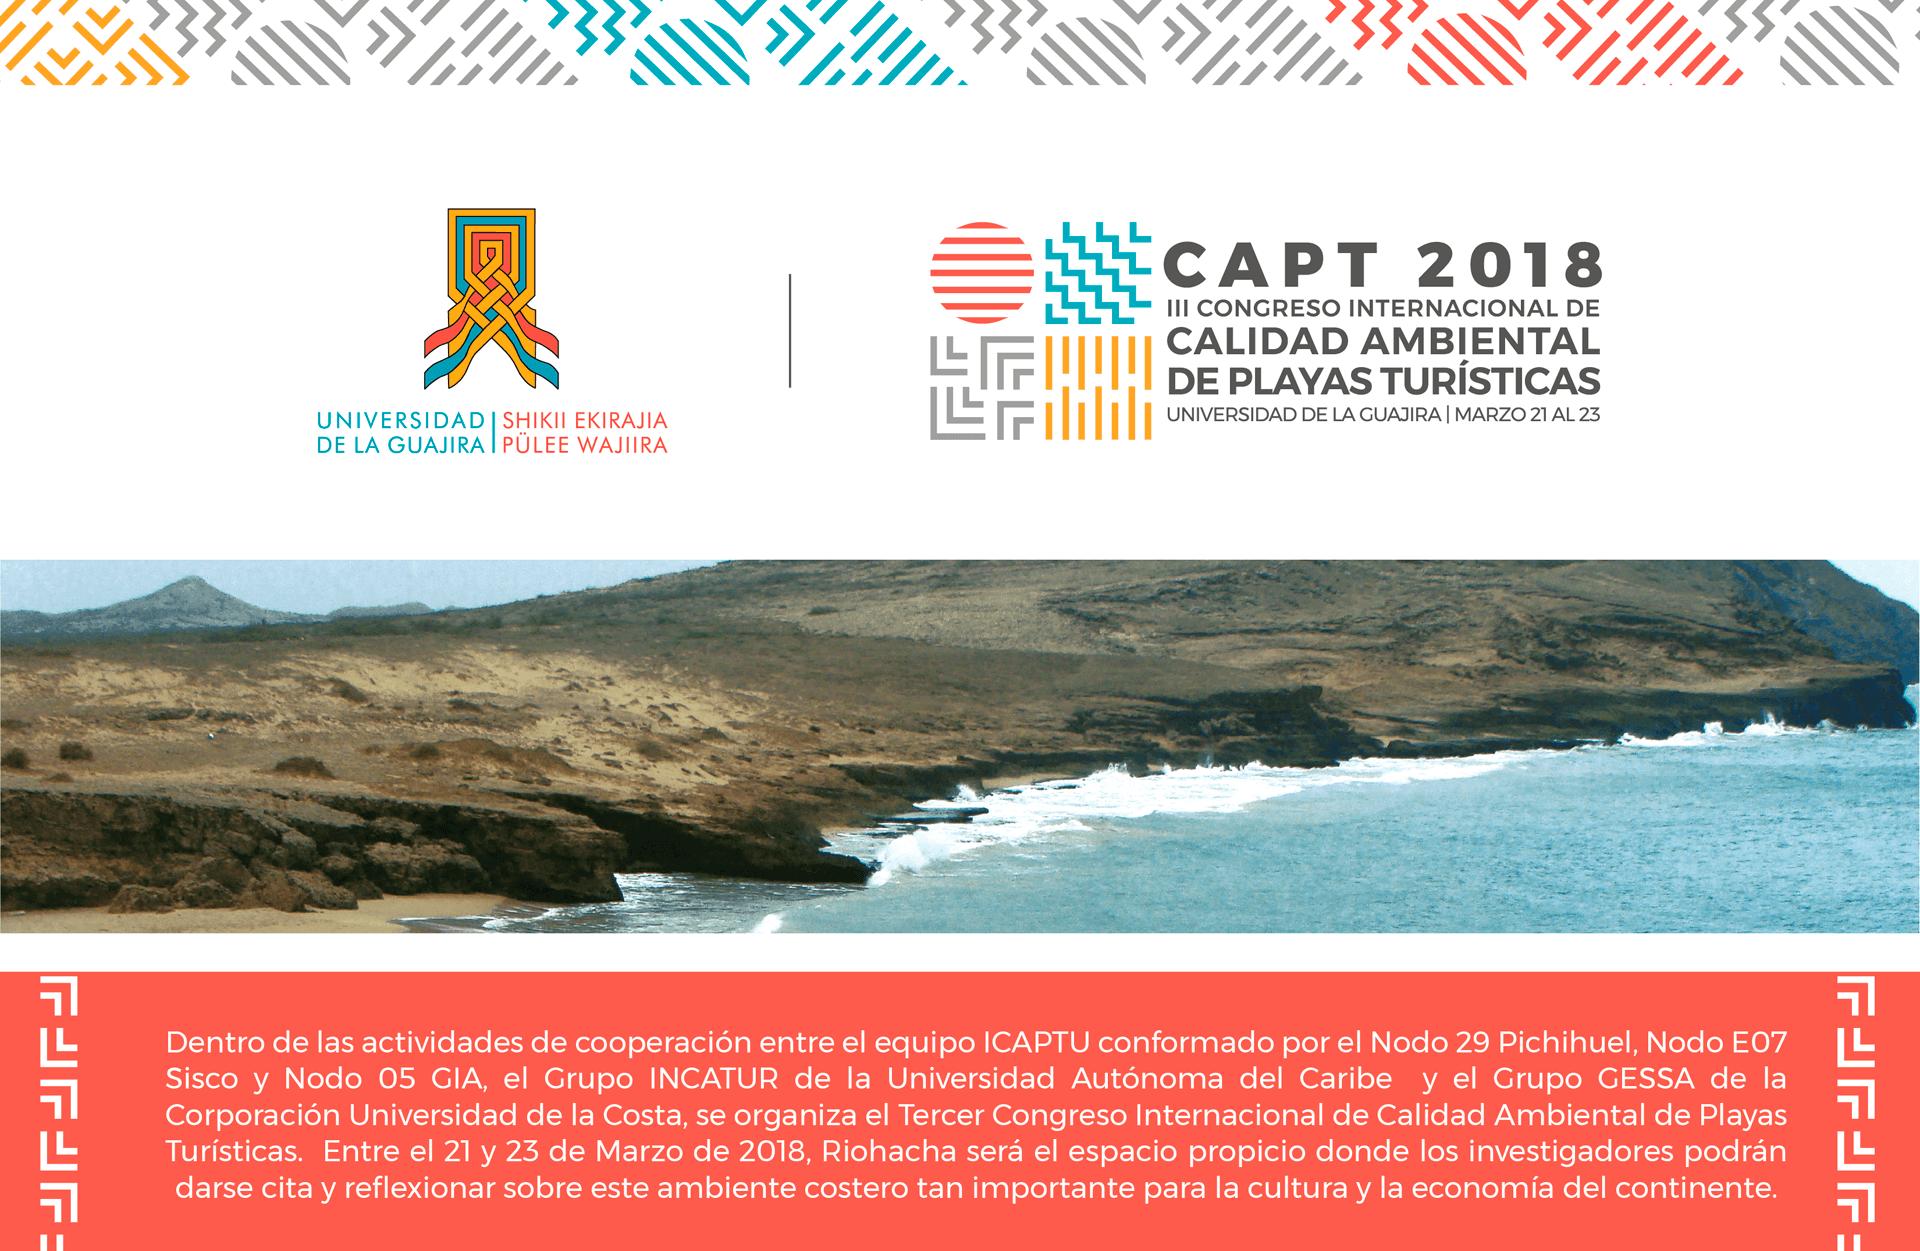 Abiertas las inscripciones al III Congreso Internacional de Calidad Ambiental de Playas Turísticas-CAPT2018